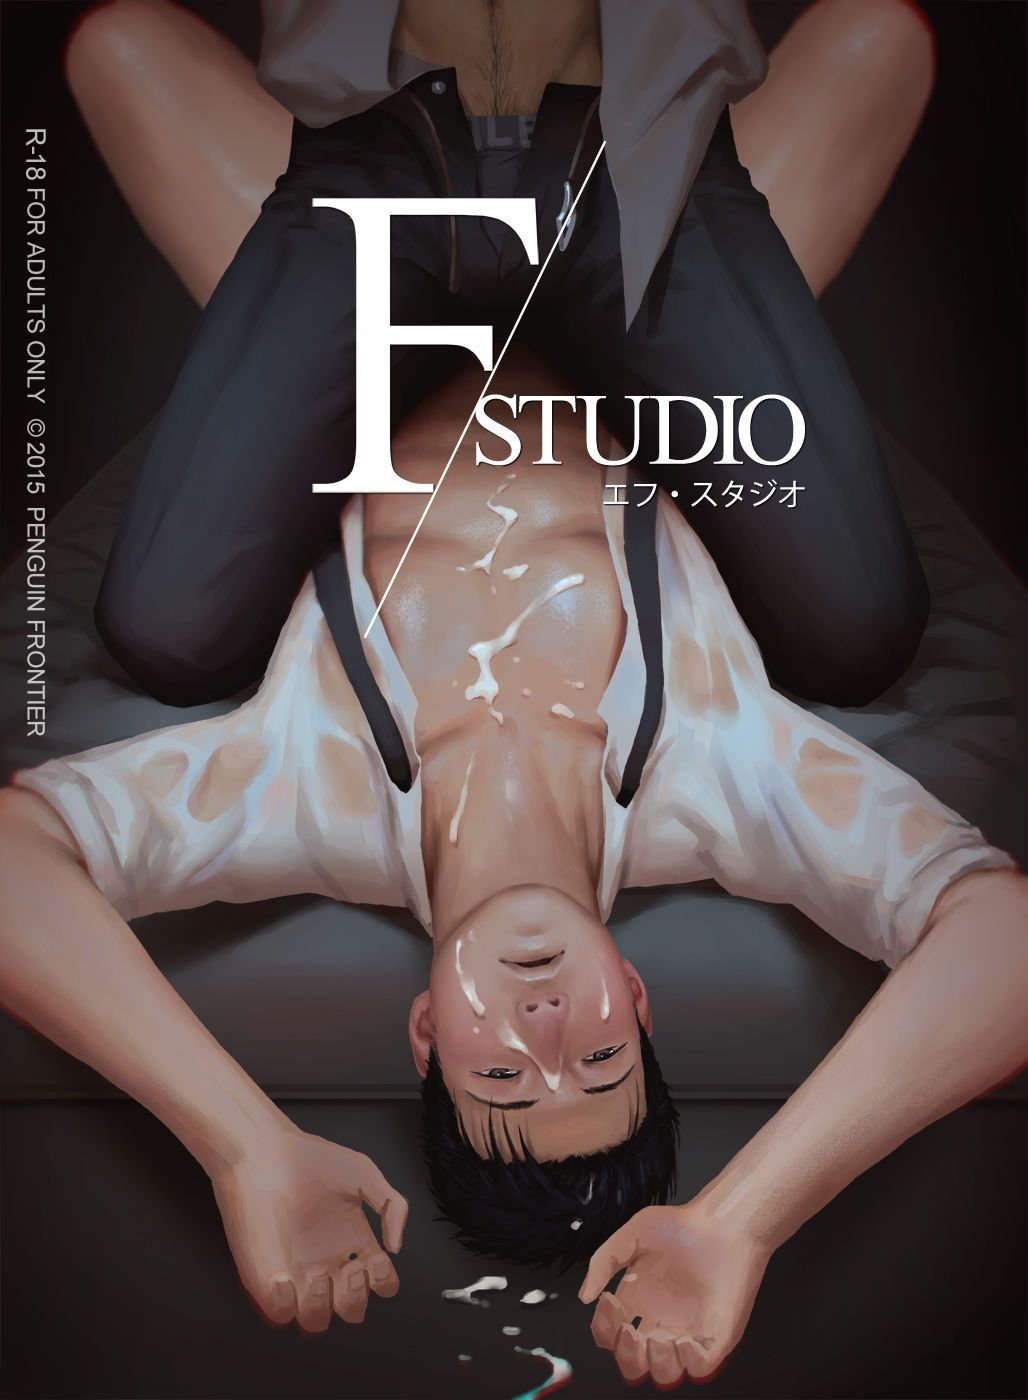 Penguin Frontier F/Studio Digital